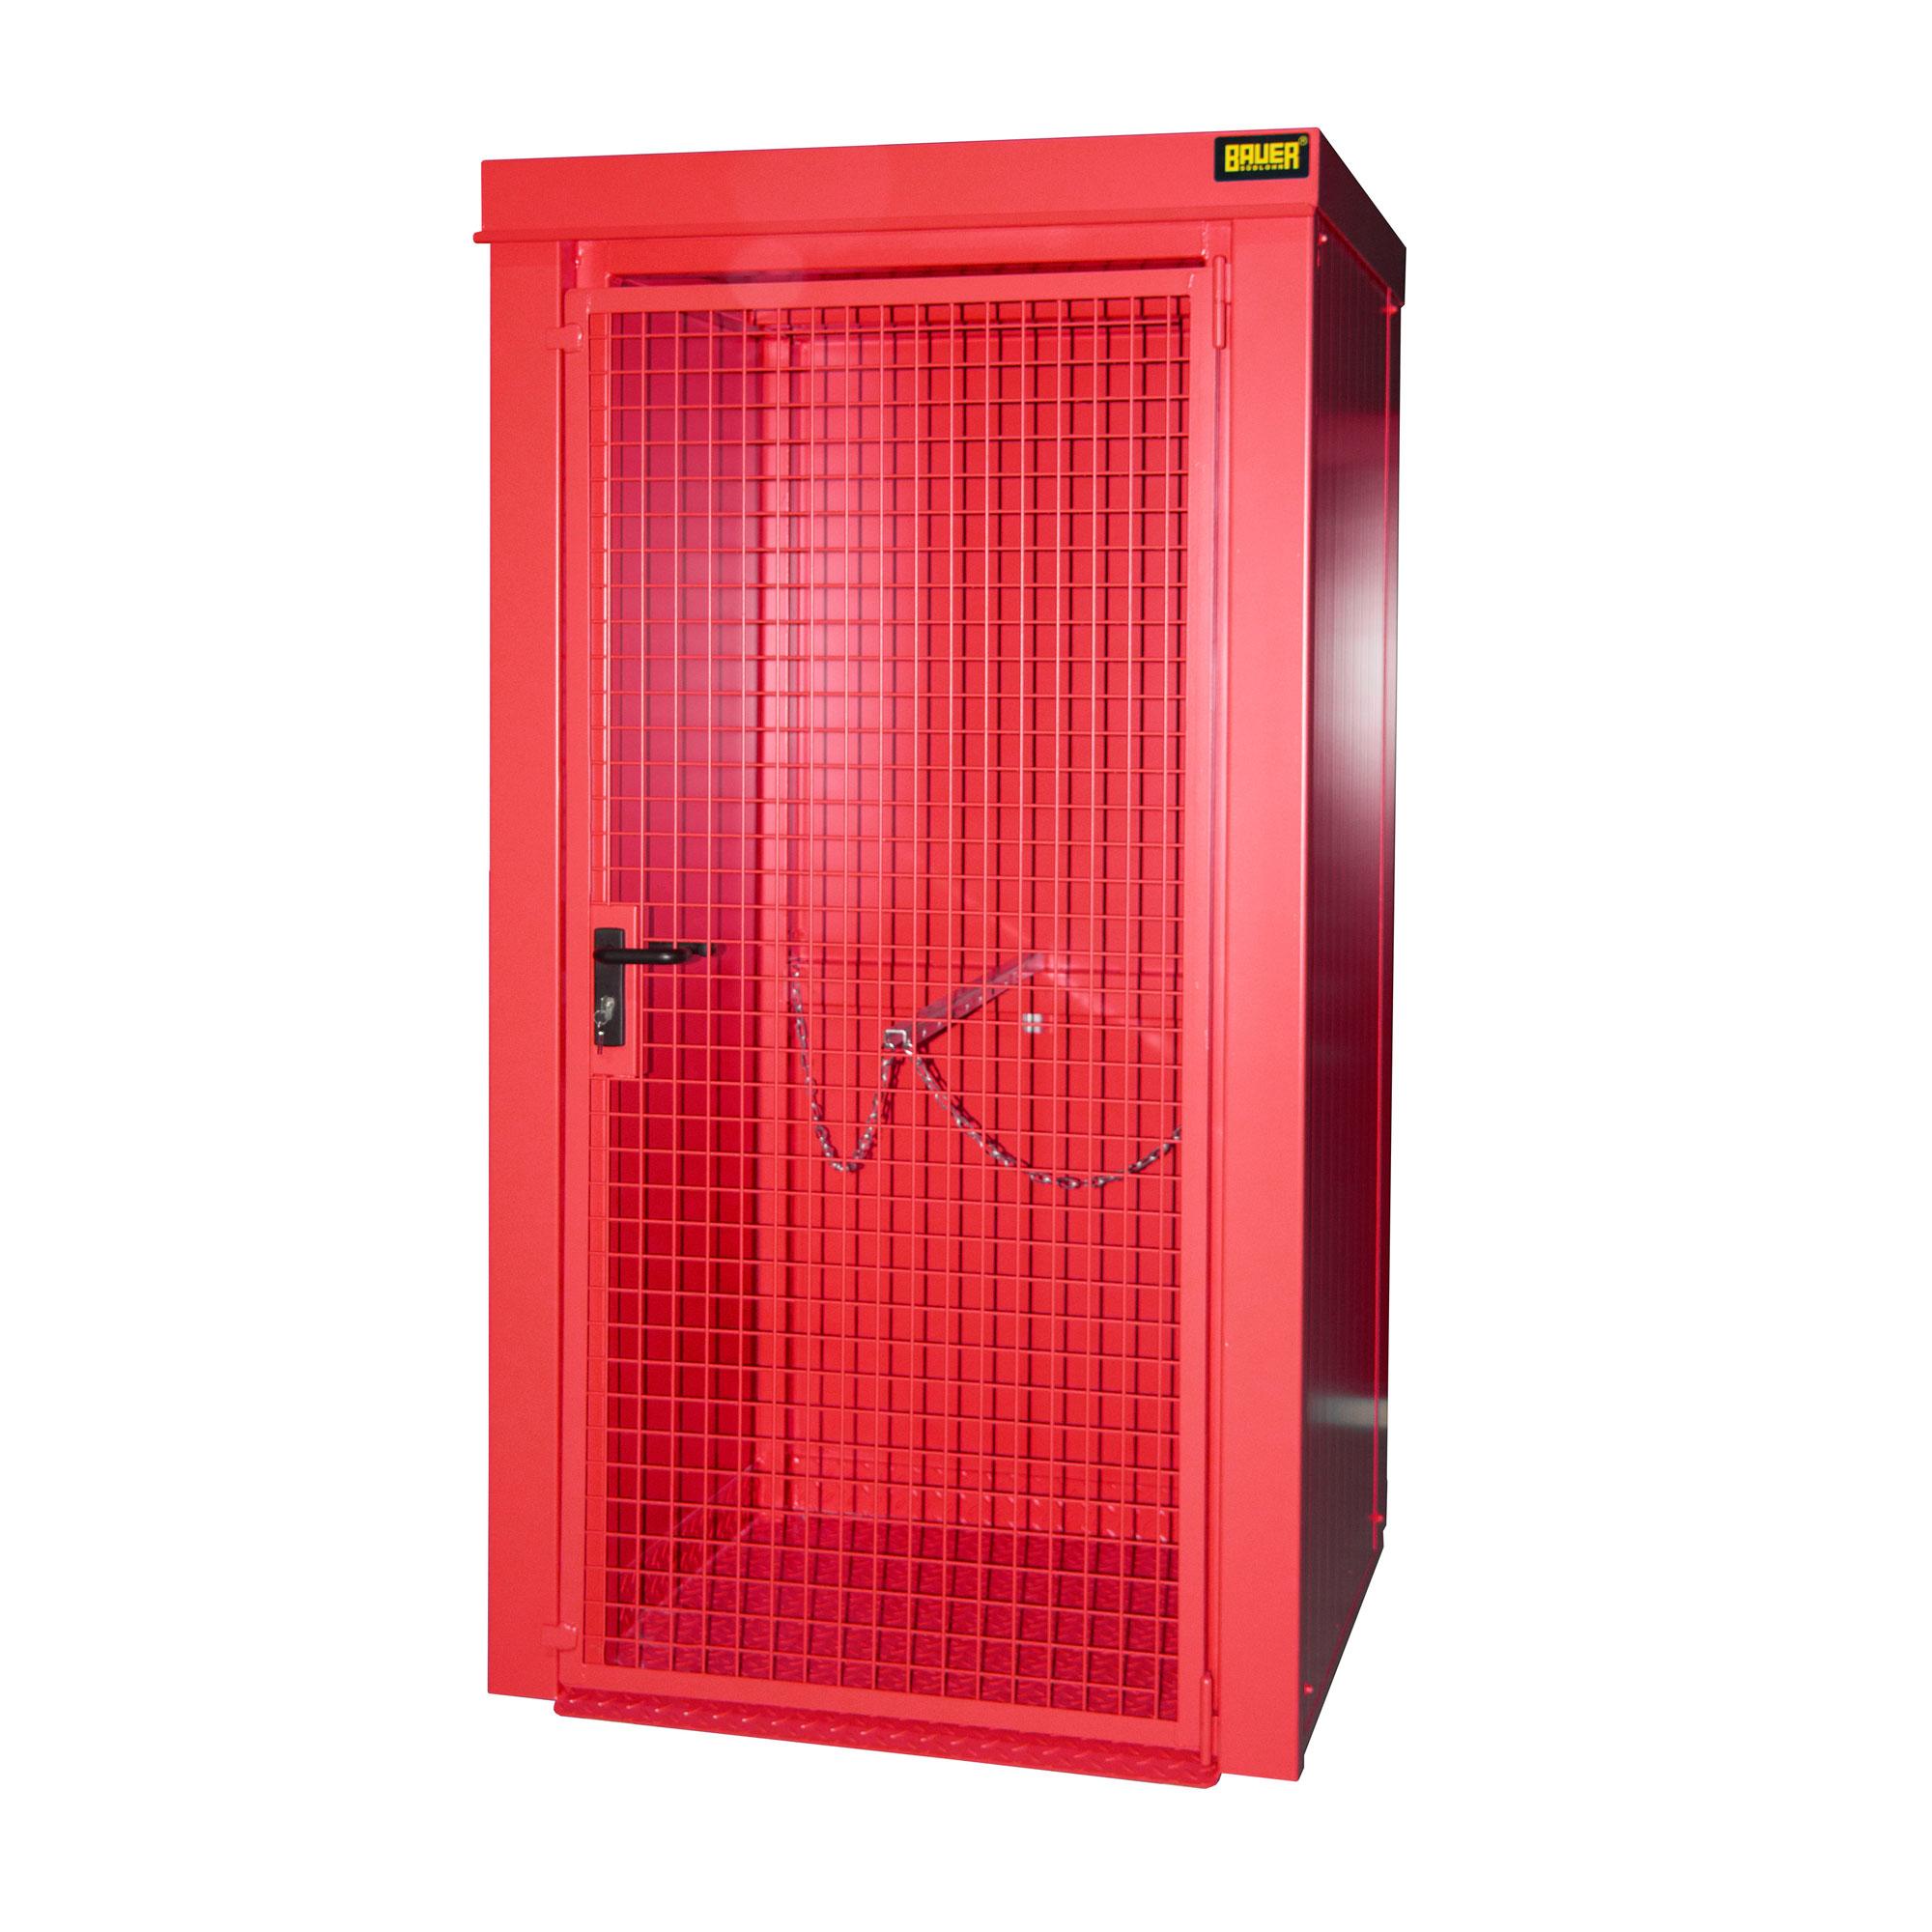 Bauer Gasflaschen-Container GFC-B M0, Feuerrot für 9x Gasflaschen Ø 230 mm 4477-30-0000-2